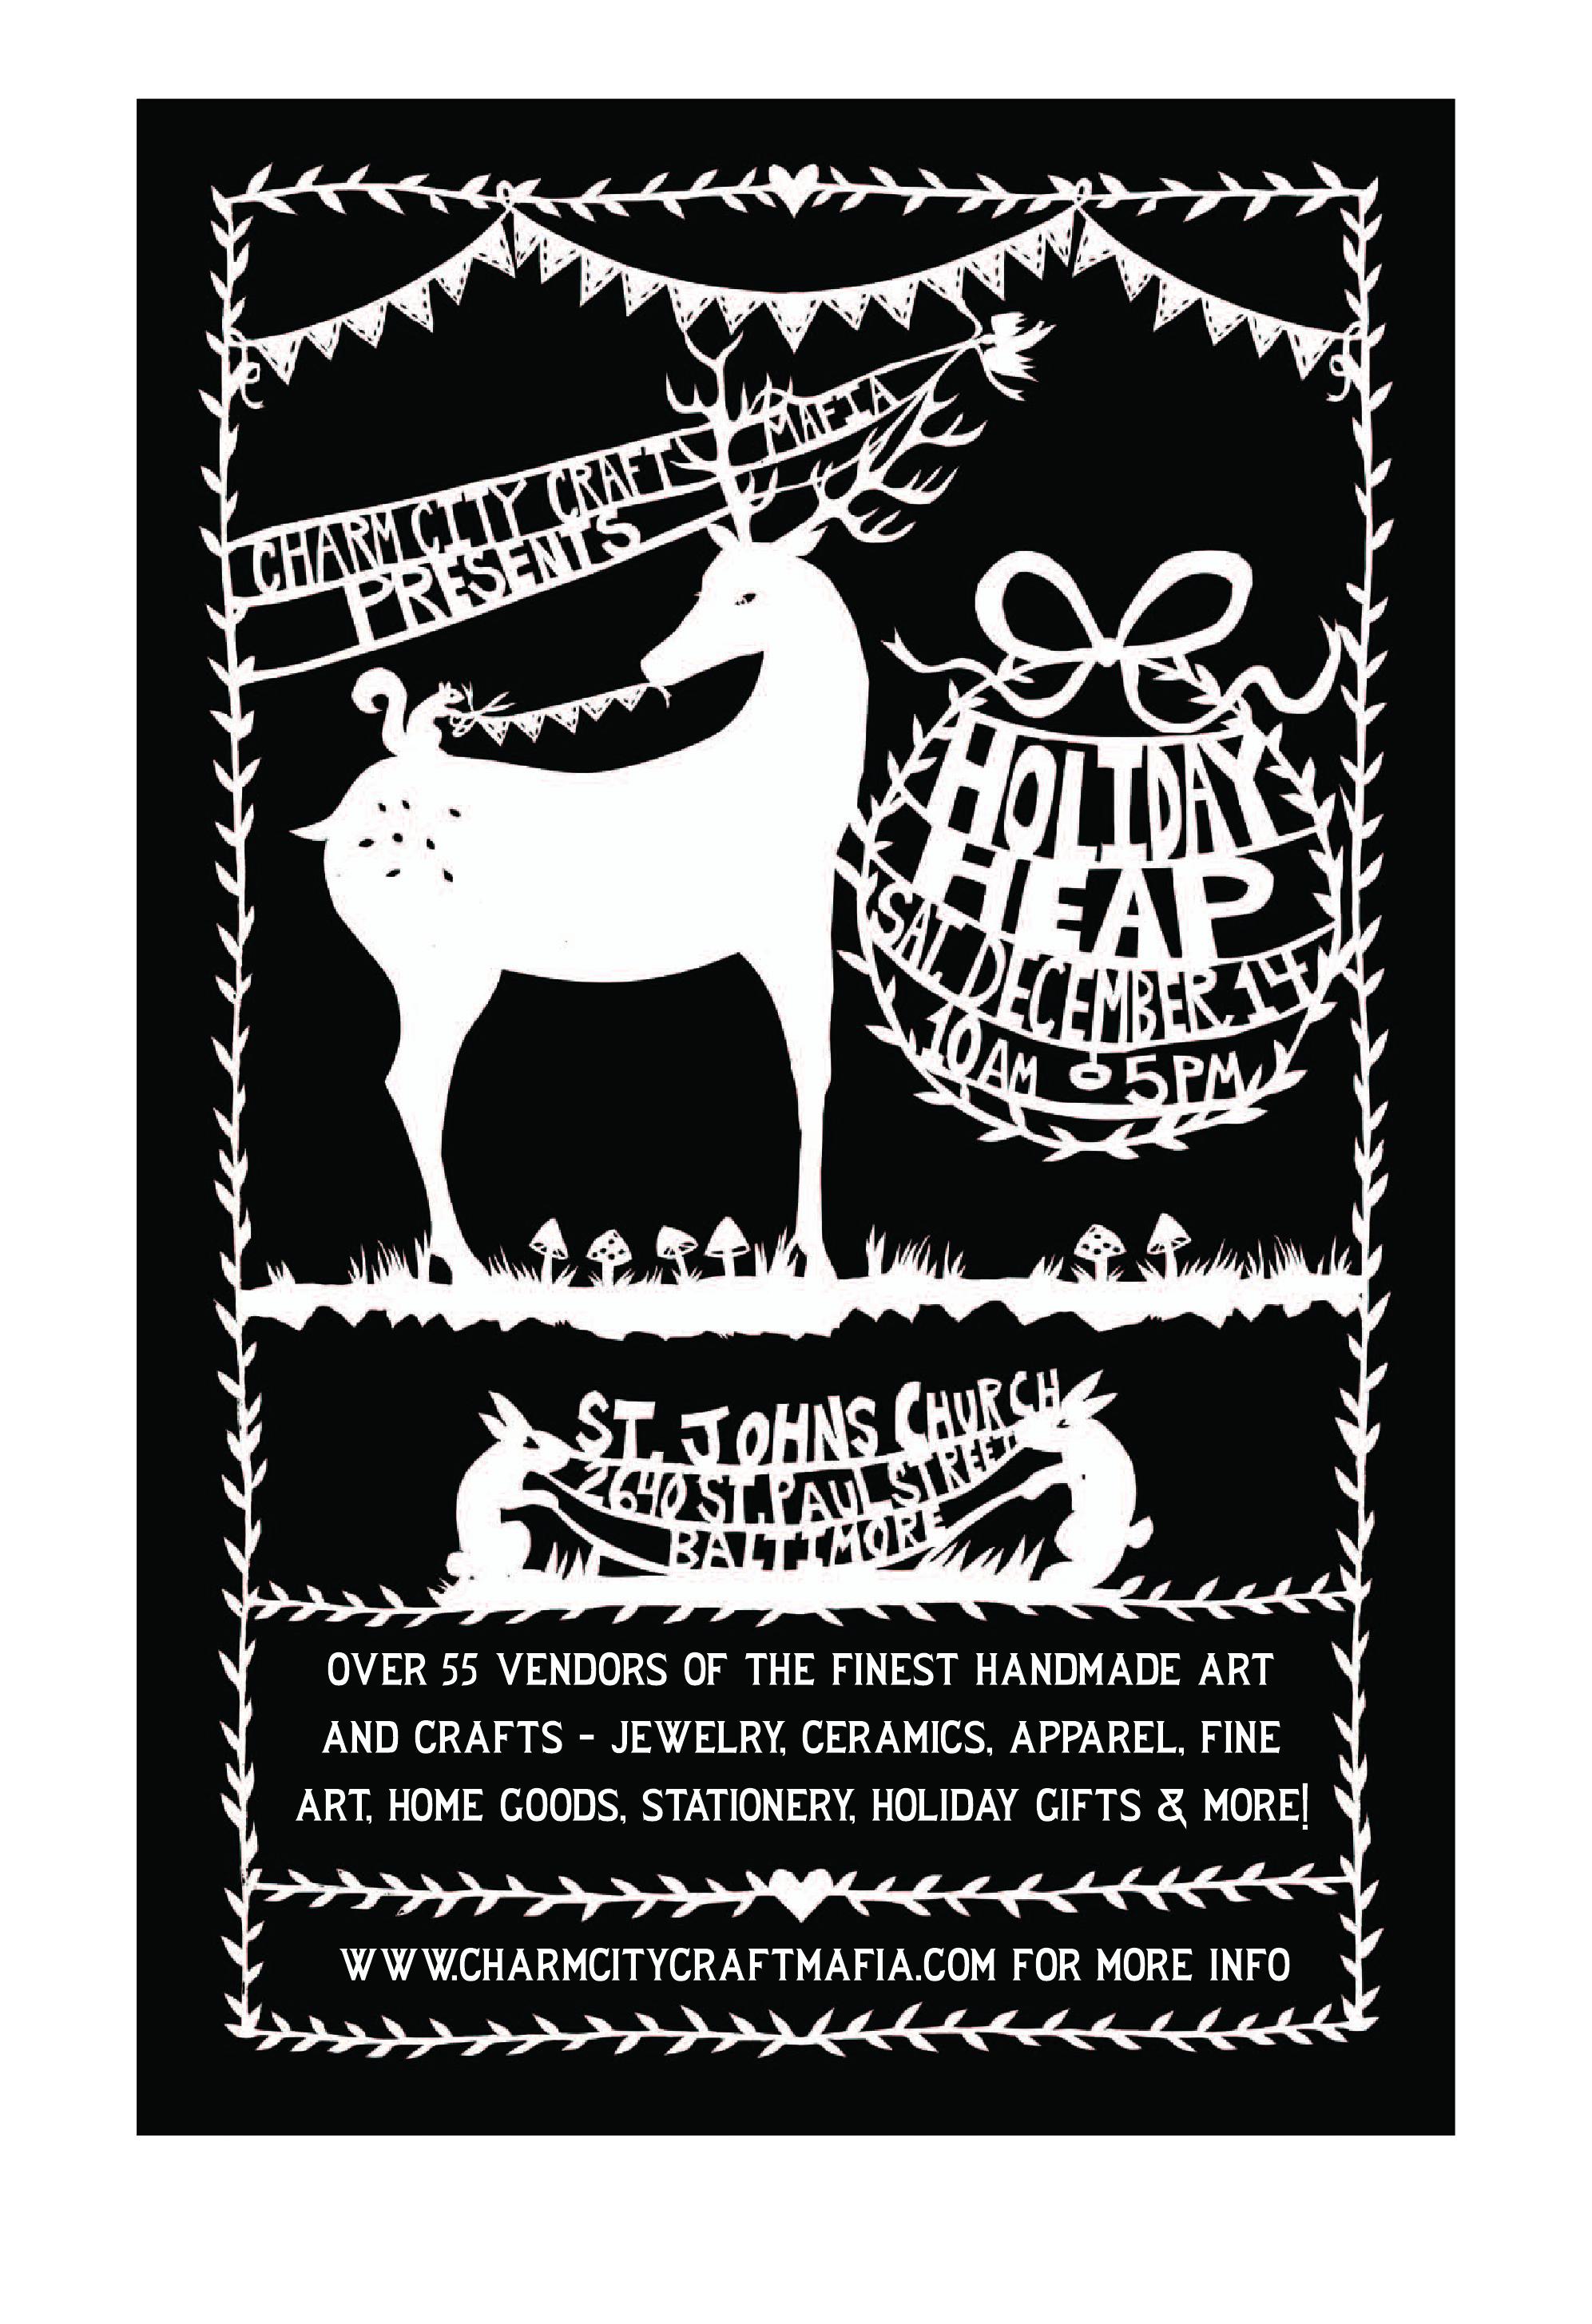 Holiday Heap 2013